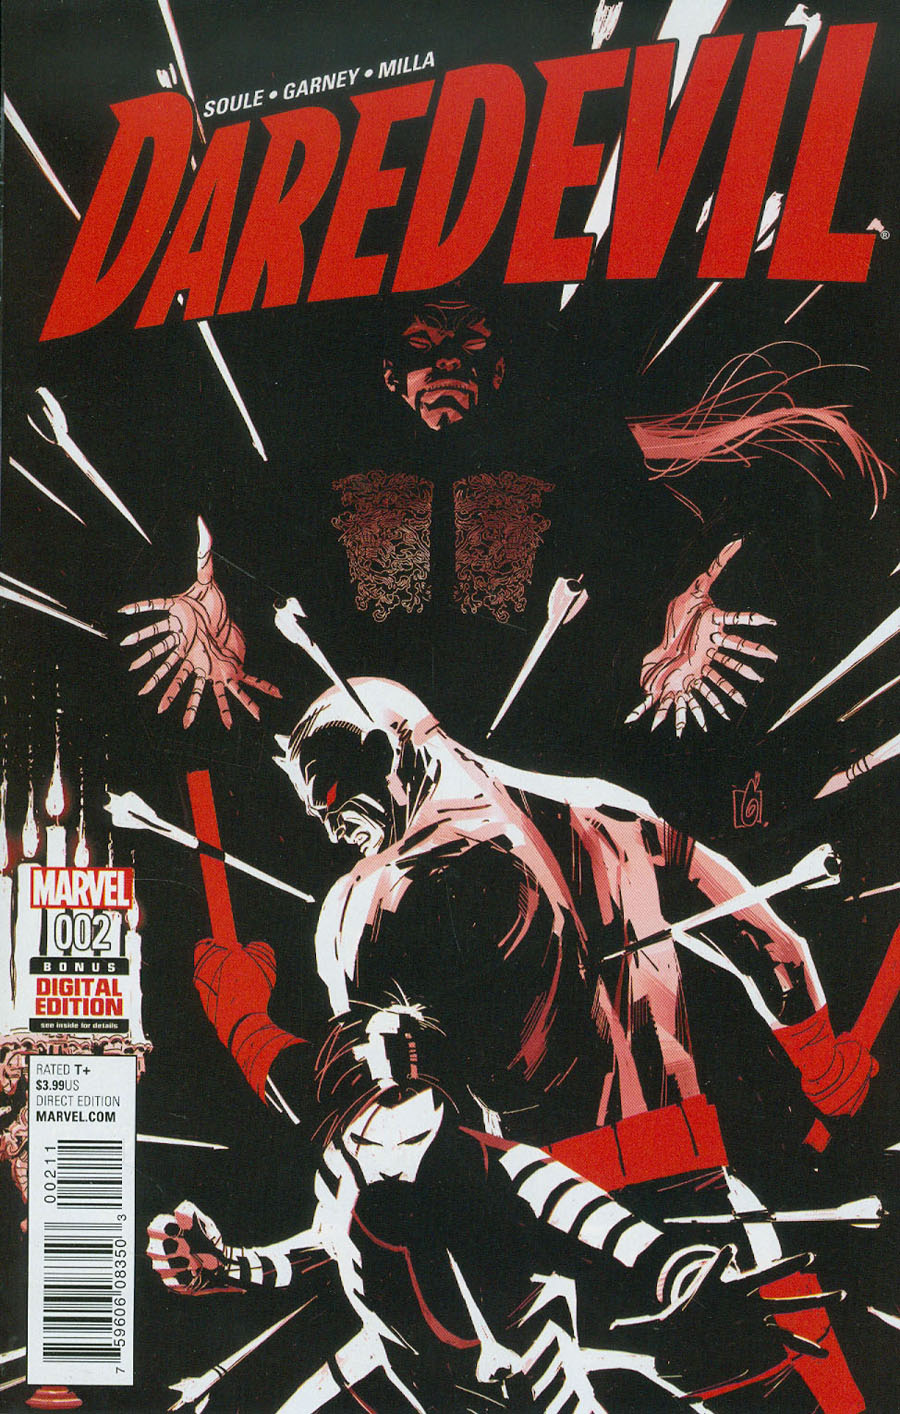 Daredevil Vol 5 #2 Cover A Regular Ron Garney Cover